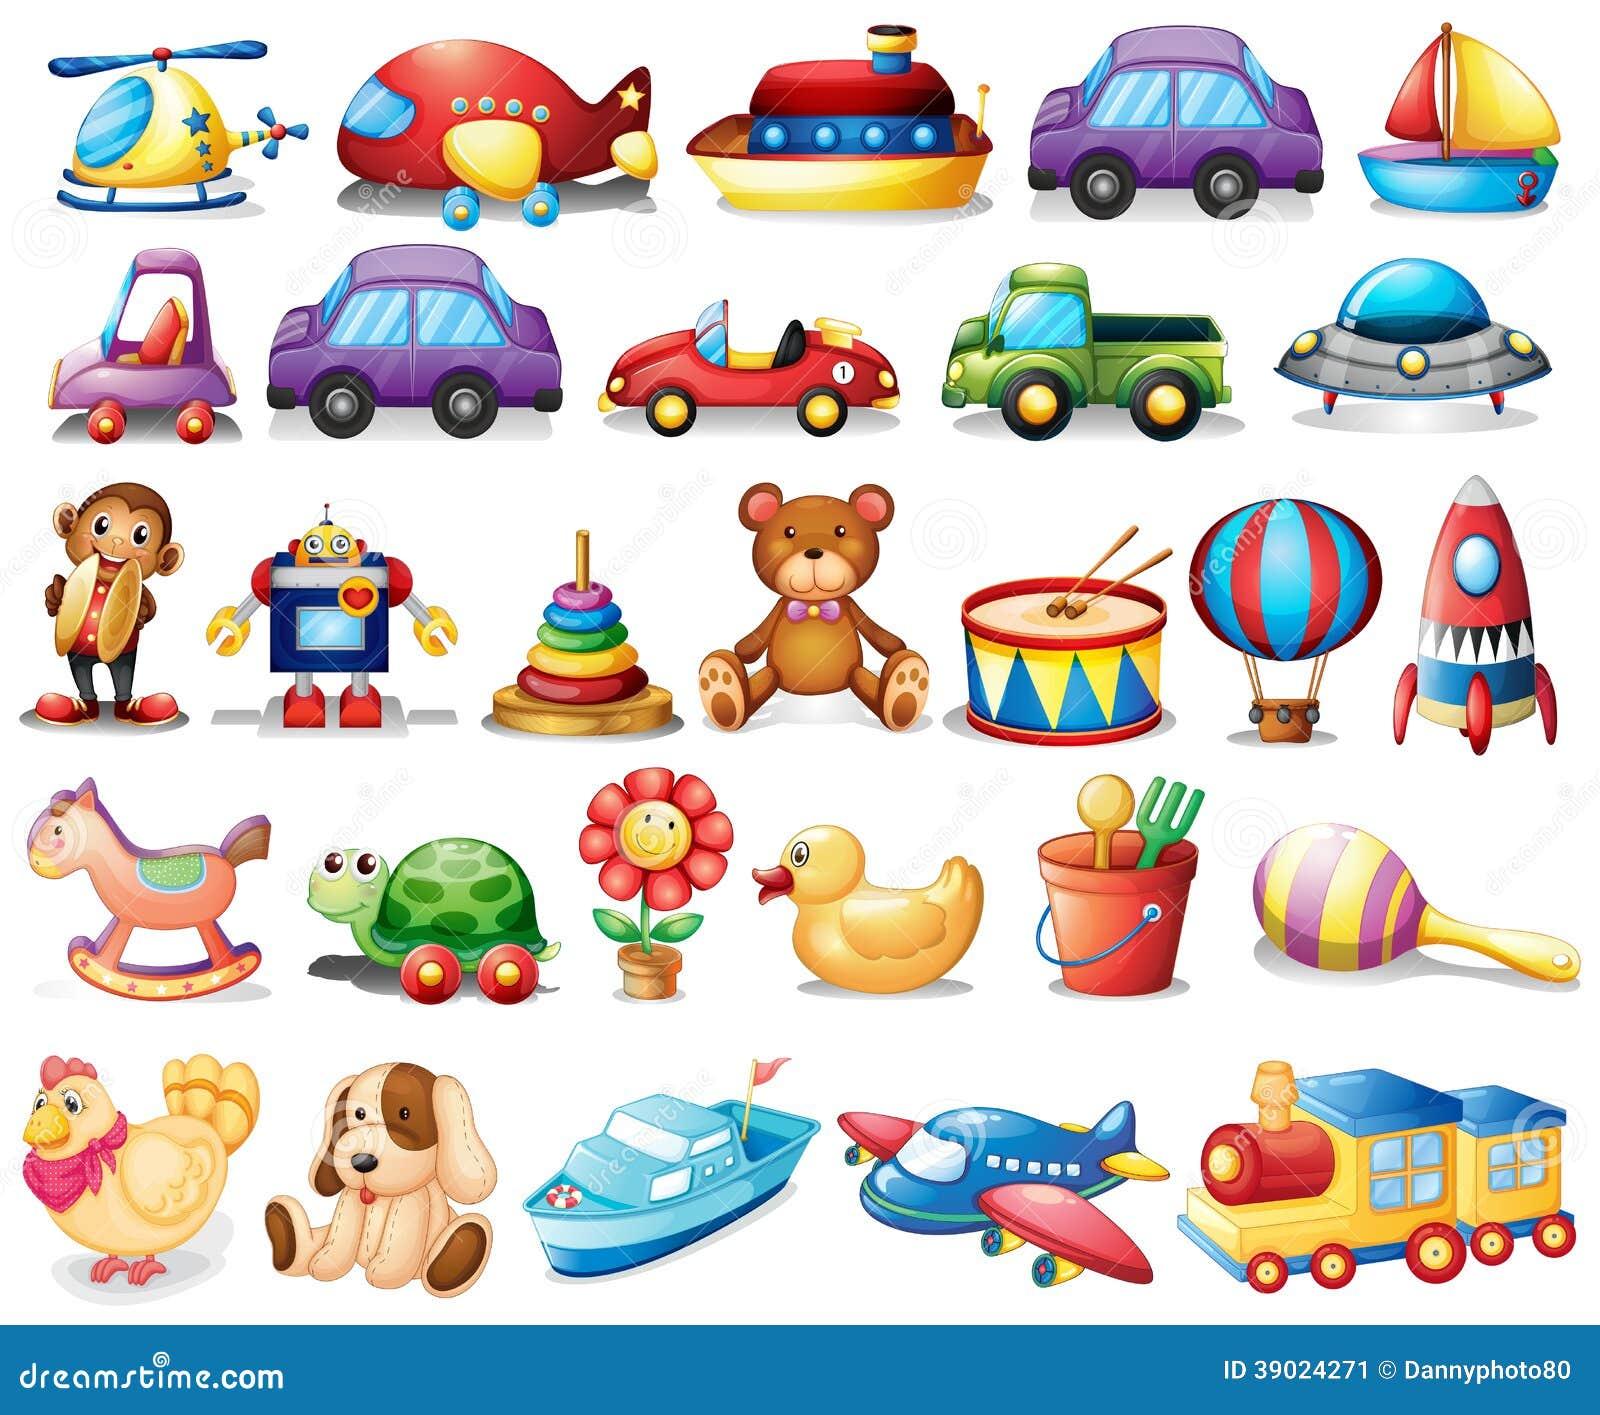 Inzameling van speelgoed